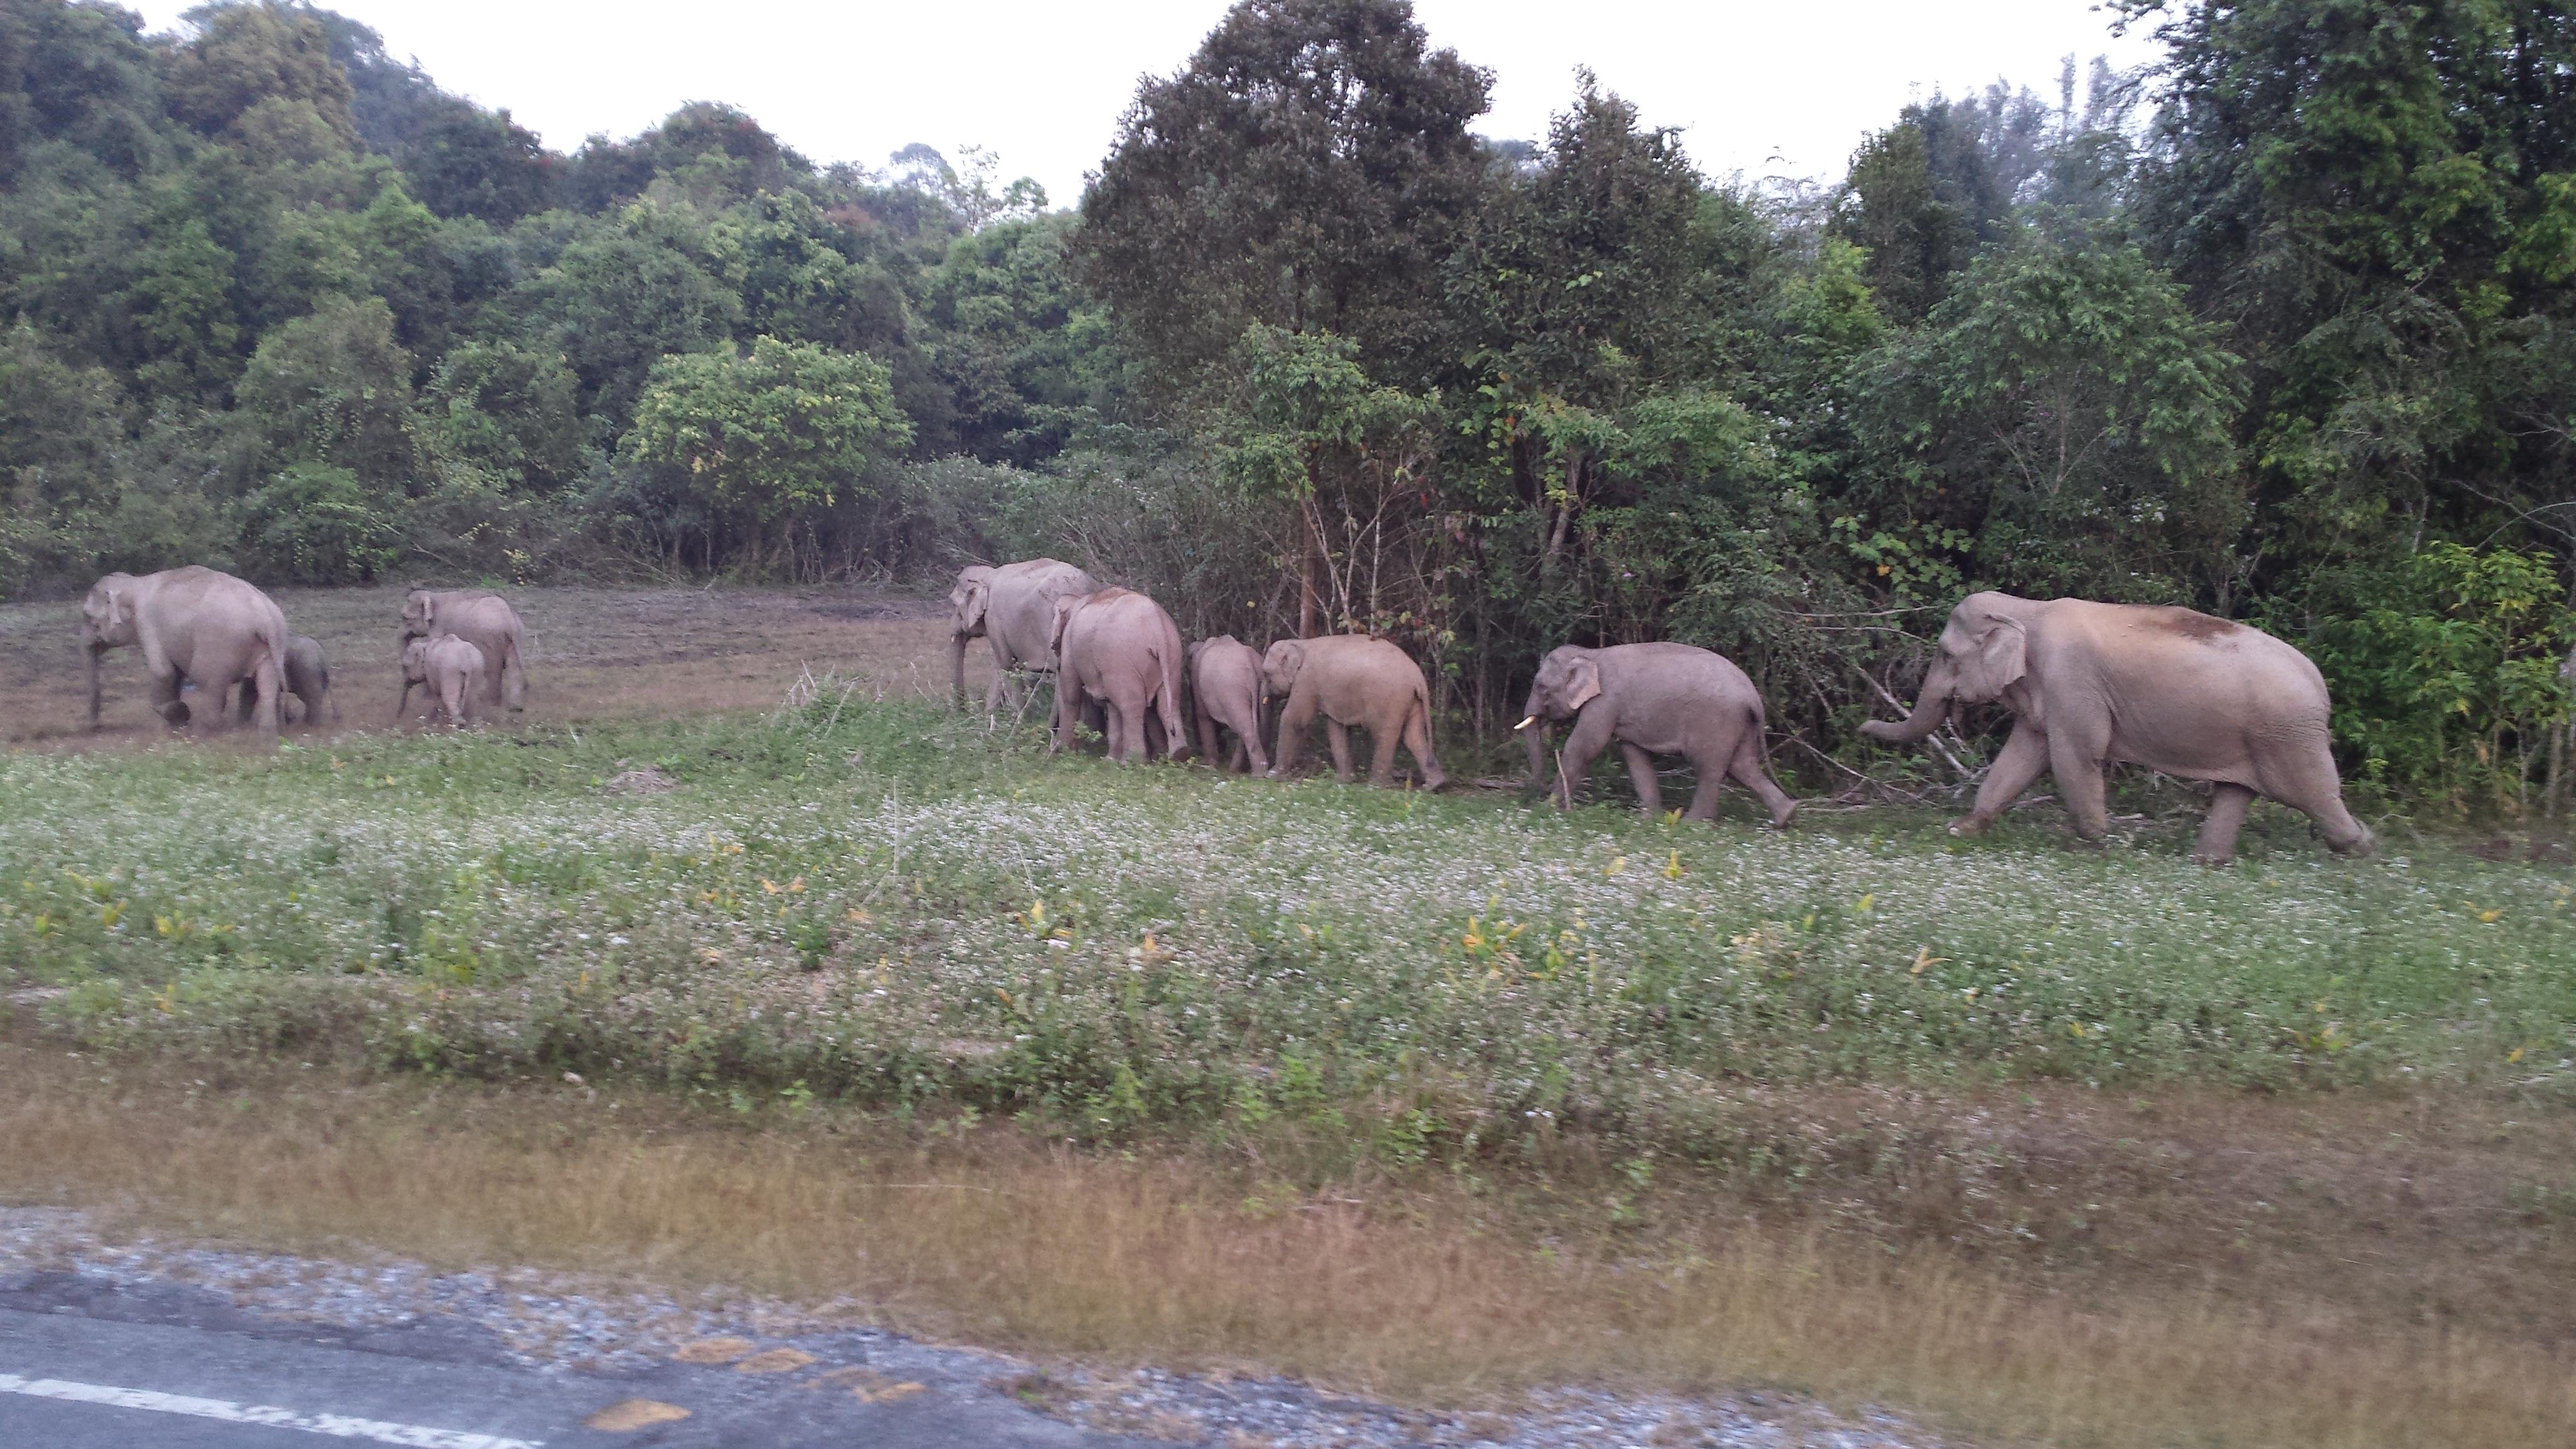 Elefantenherde, Khao Yai Nationalpark, Thailand